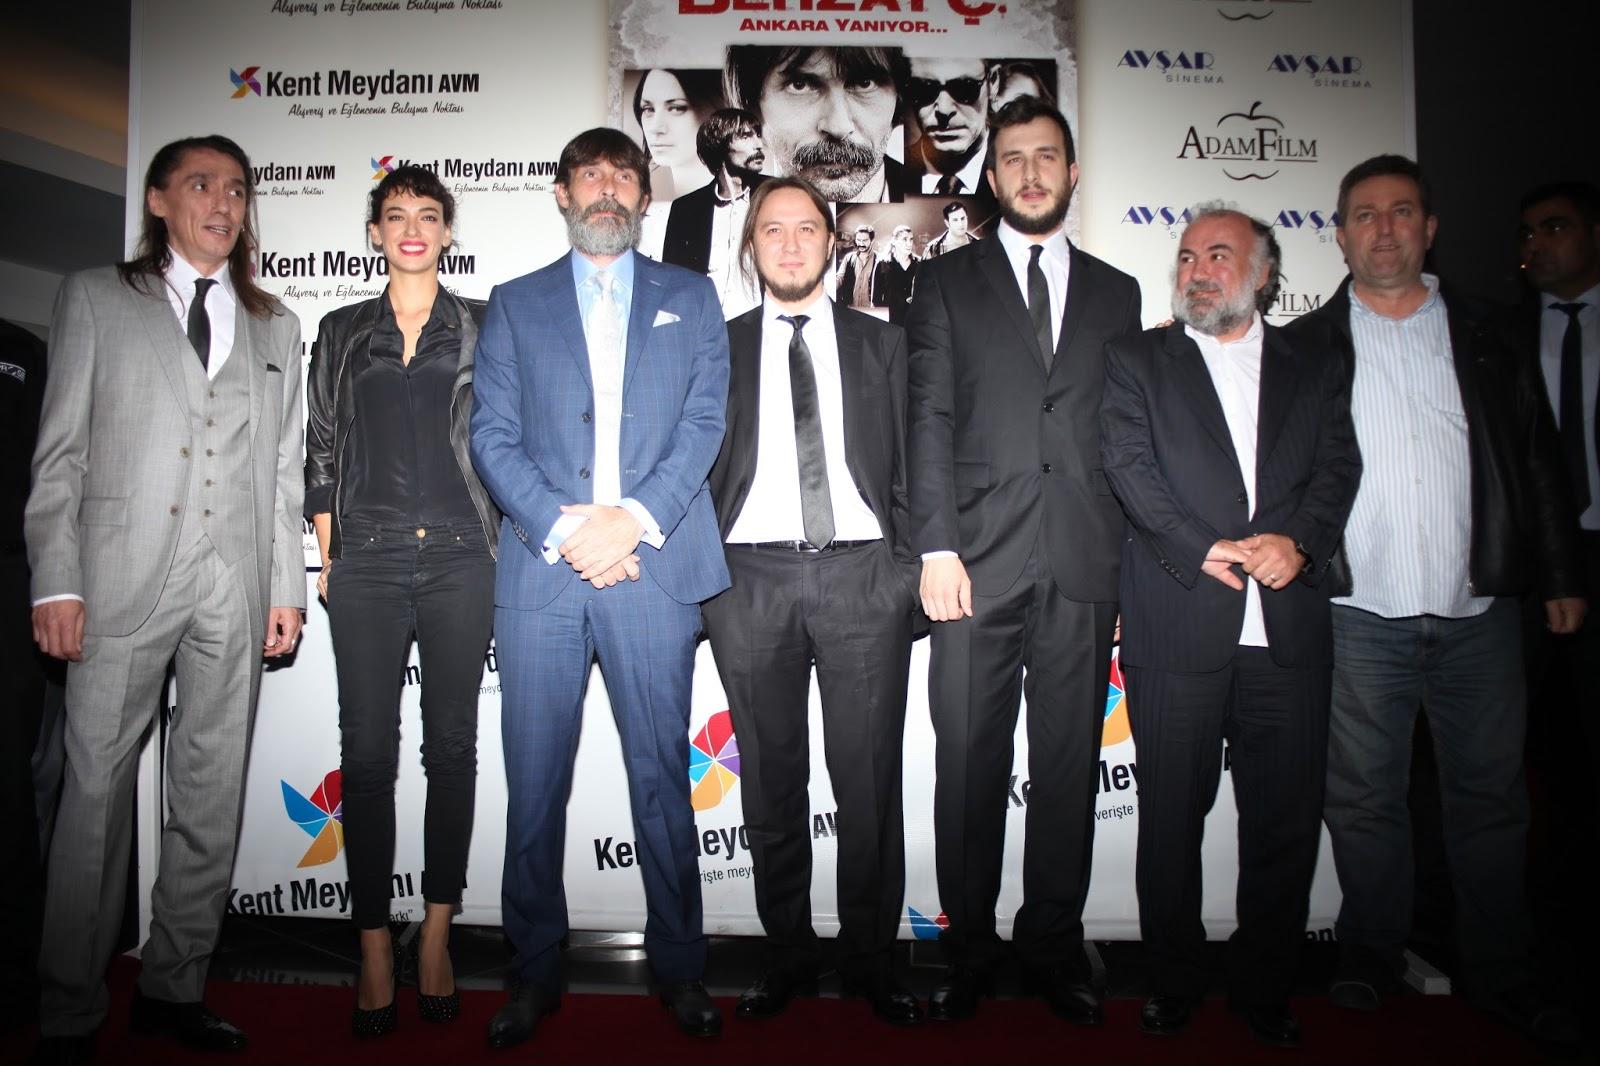 13 ilçe - aktörler, yönetmenler, üreticiler